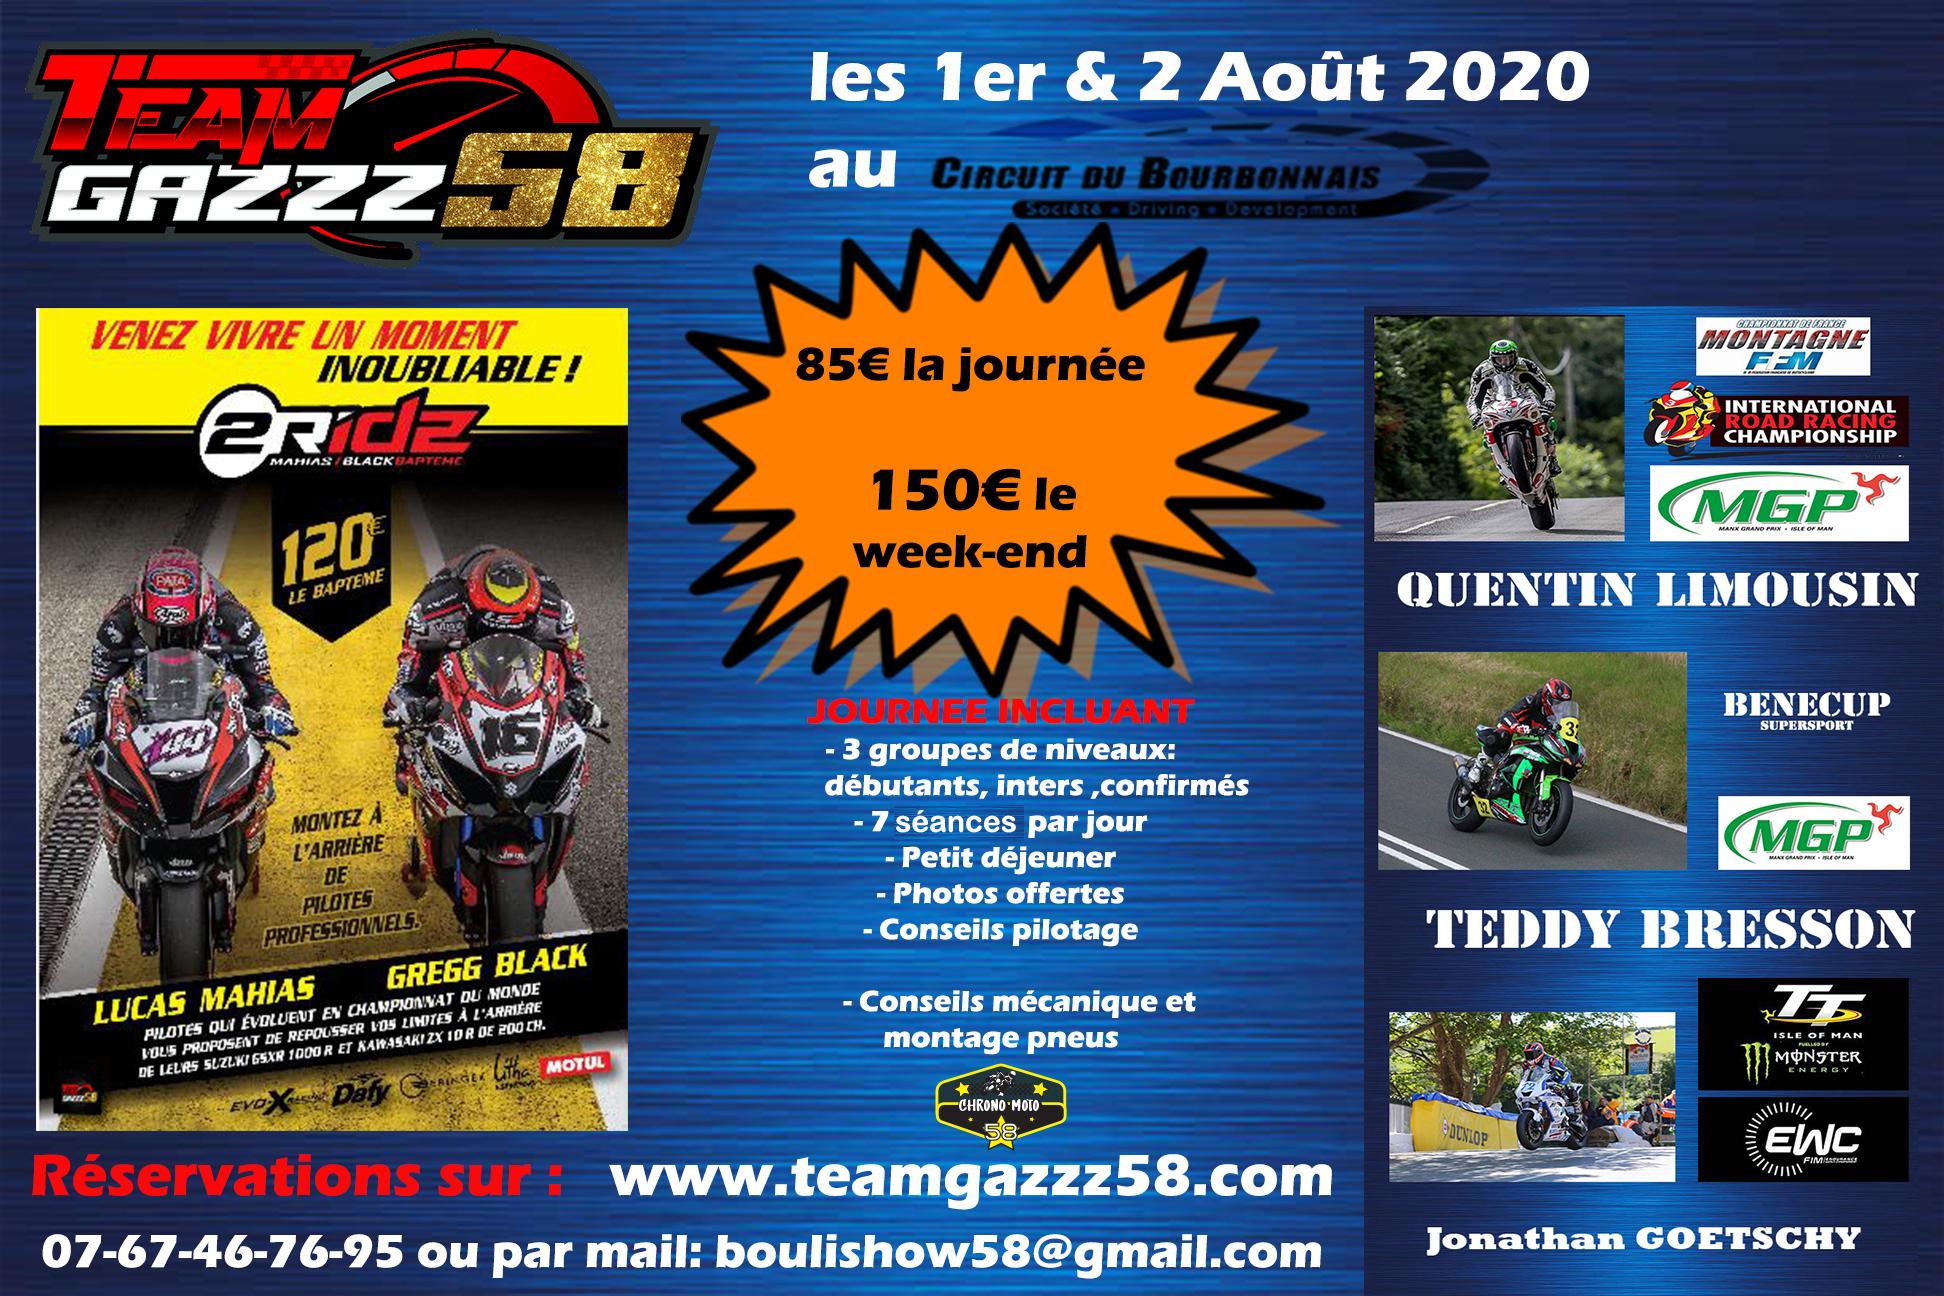 Journée Roulage Team Gazzz 58 1&2 Août 2020 au Bourbonnais